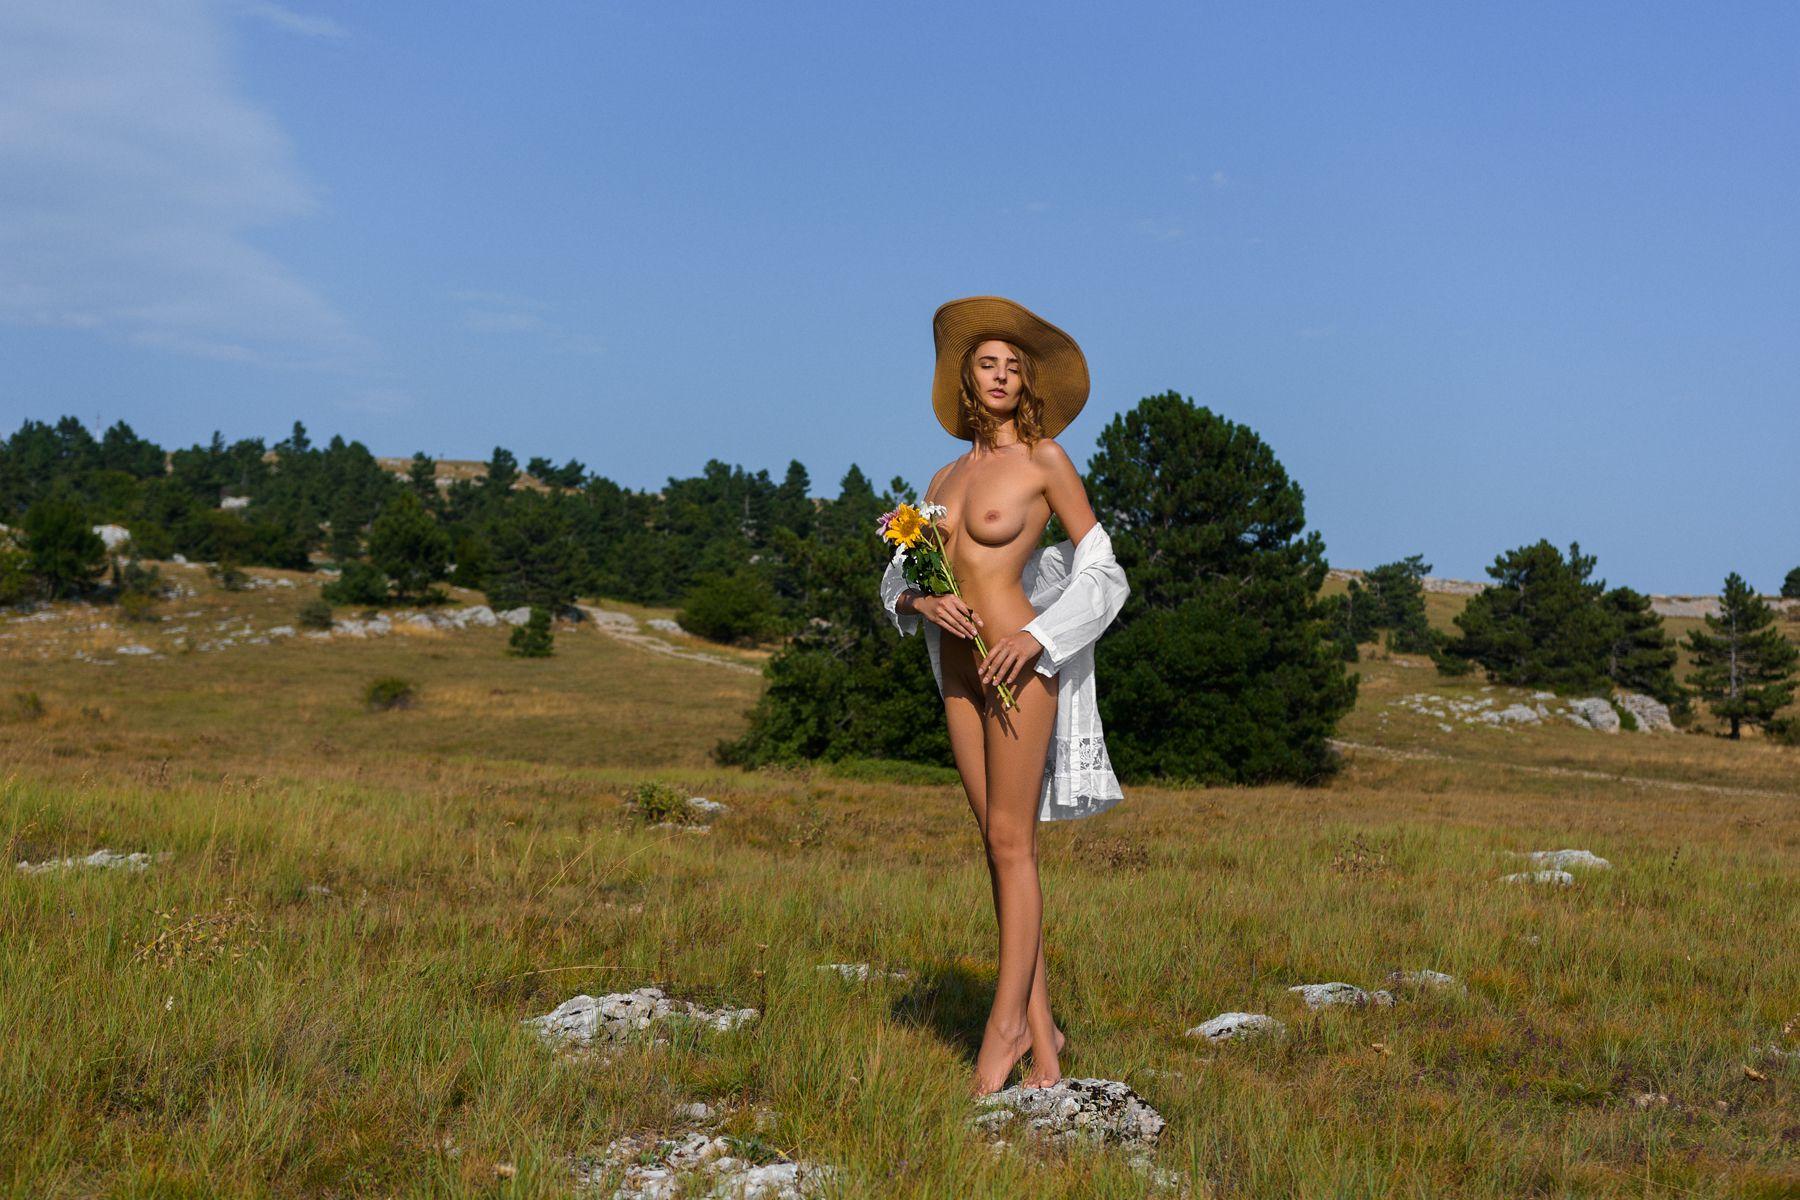 nude,model,color,обнажённая,грудь,ню,девушка, Давыдов Юрий